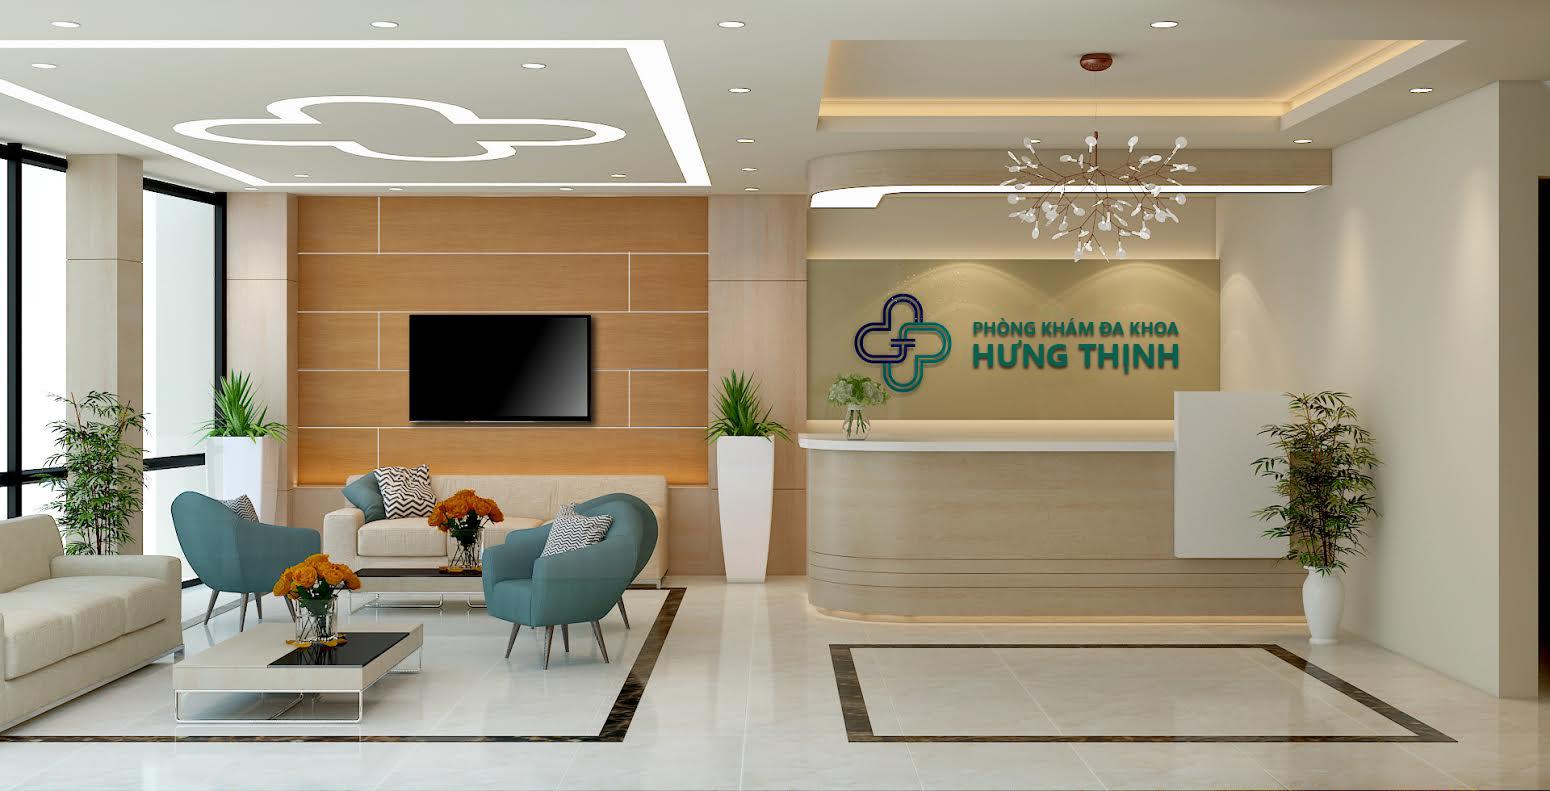 Phòng khám da liễu tốt và uy tín tại Hà Nội